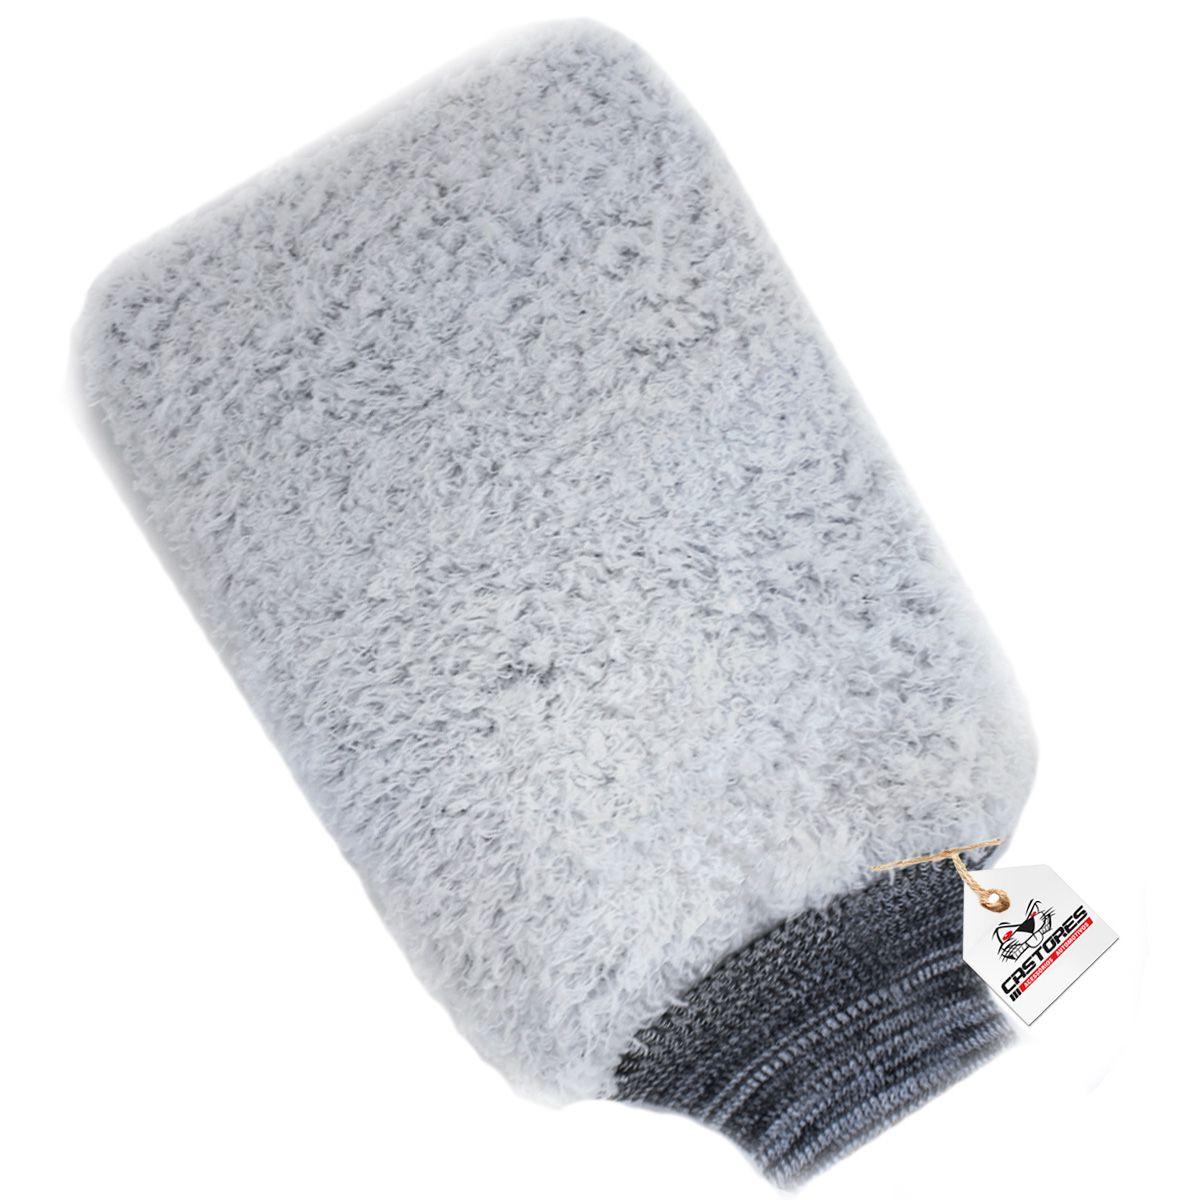 Luva de Microfibra Power Full para Lavagem Automotiva - Detailer